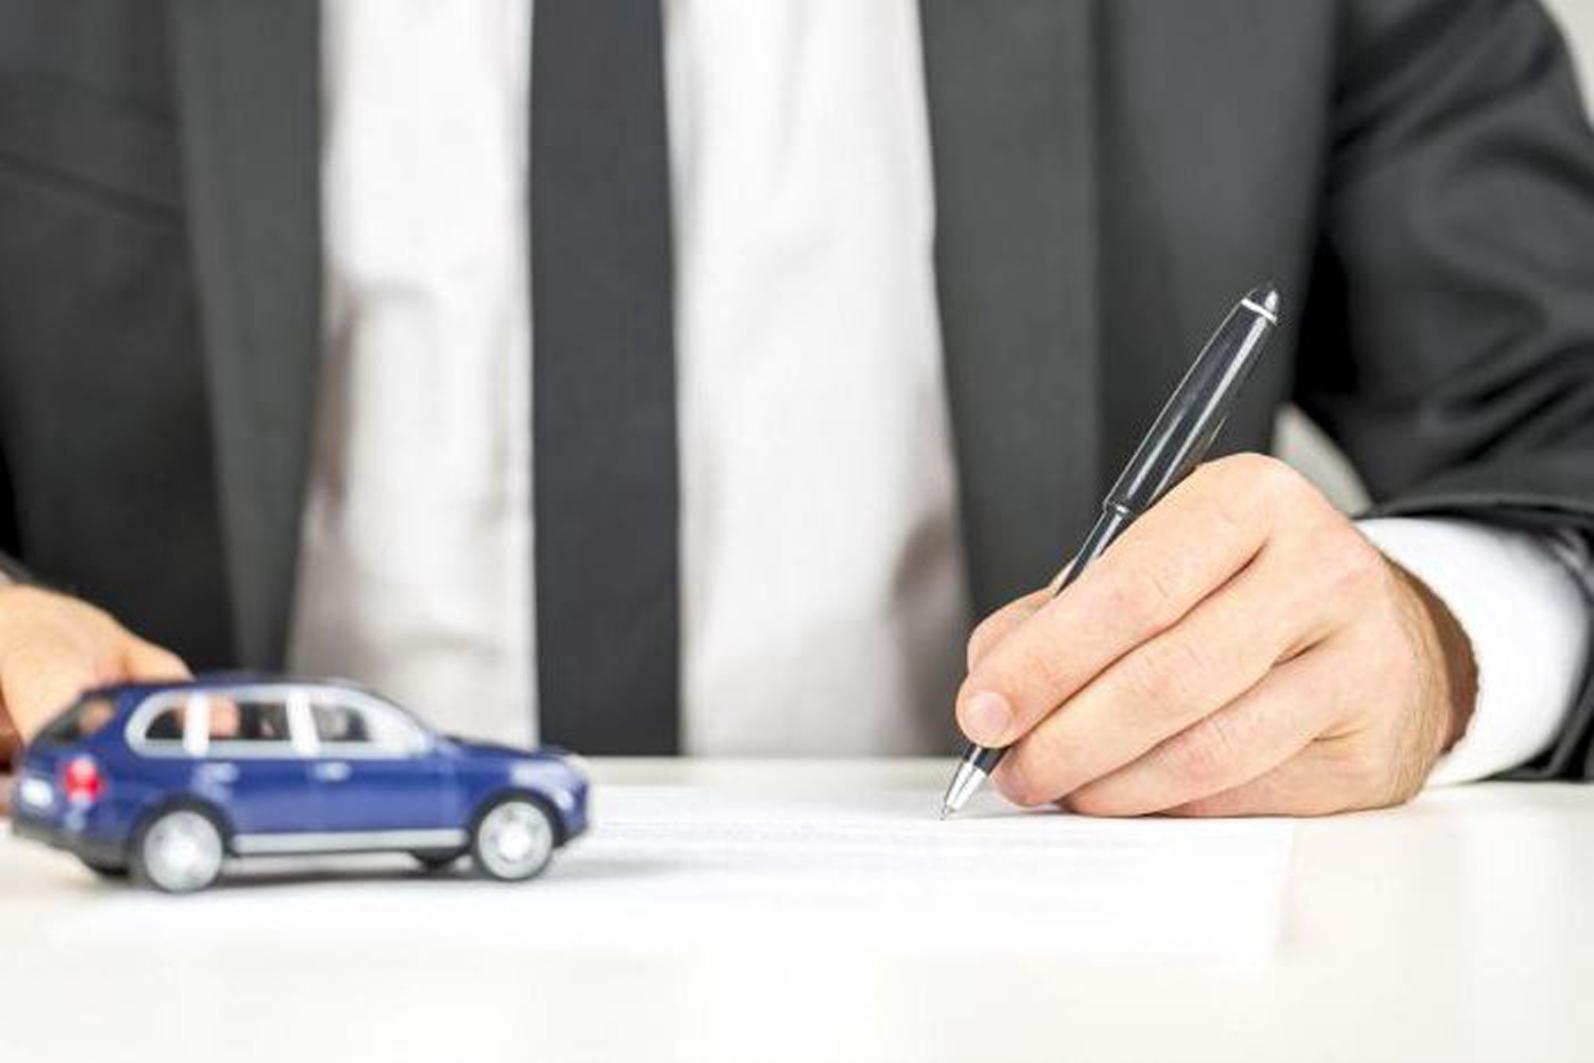 Как вернуть автомобиль собственнику слушали глубоким